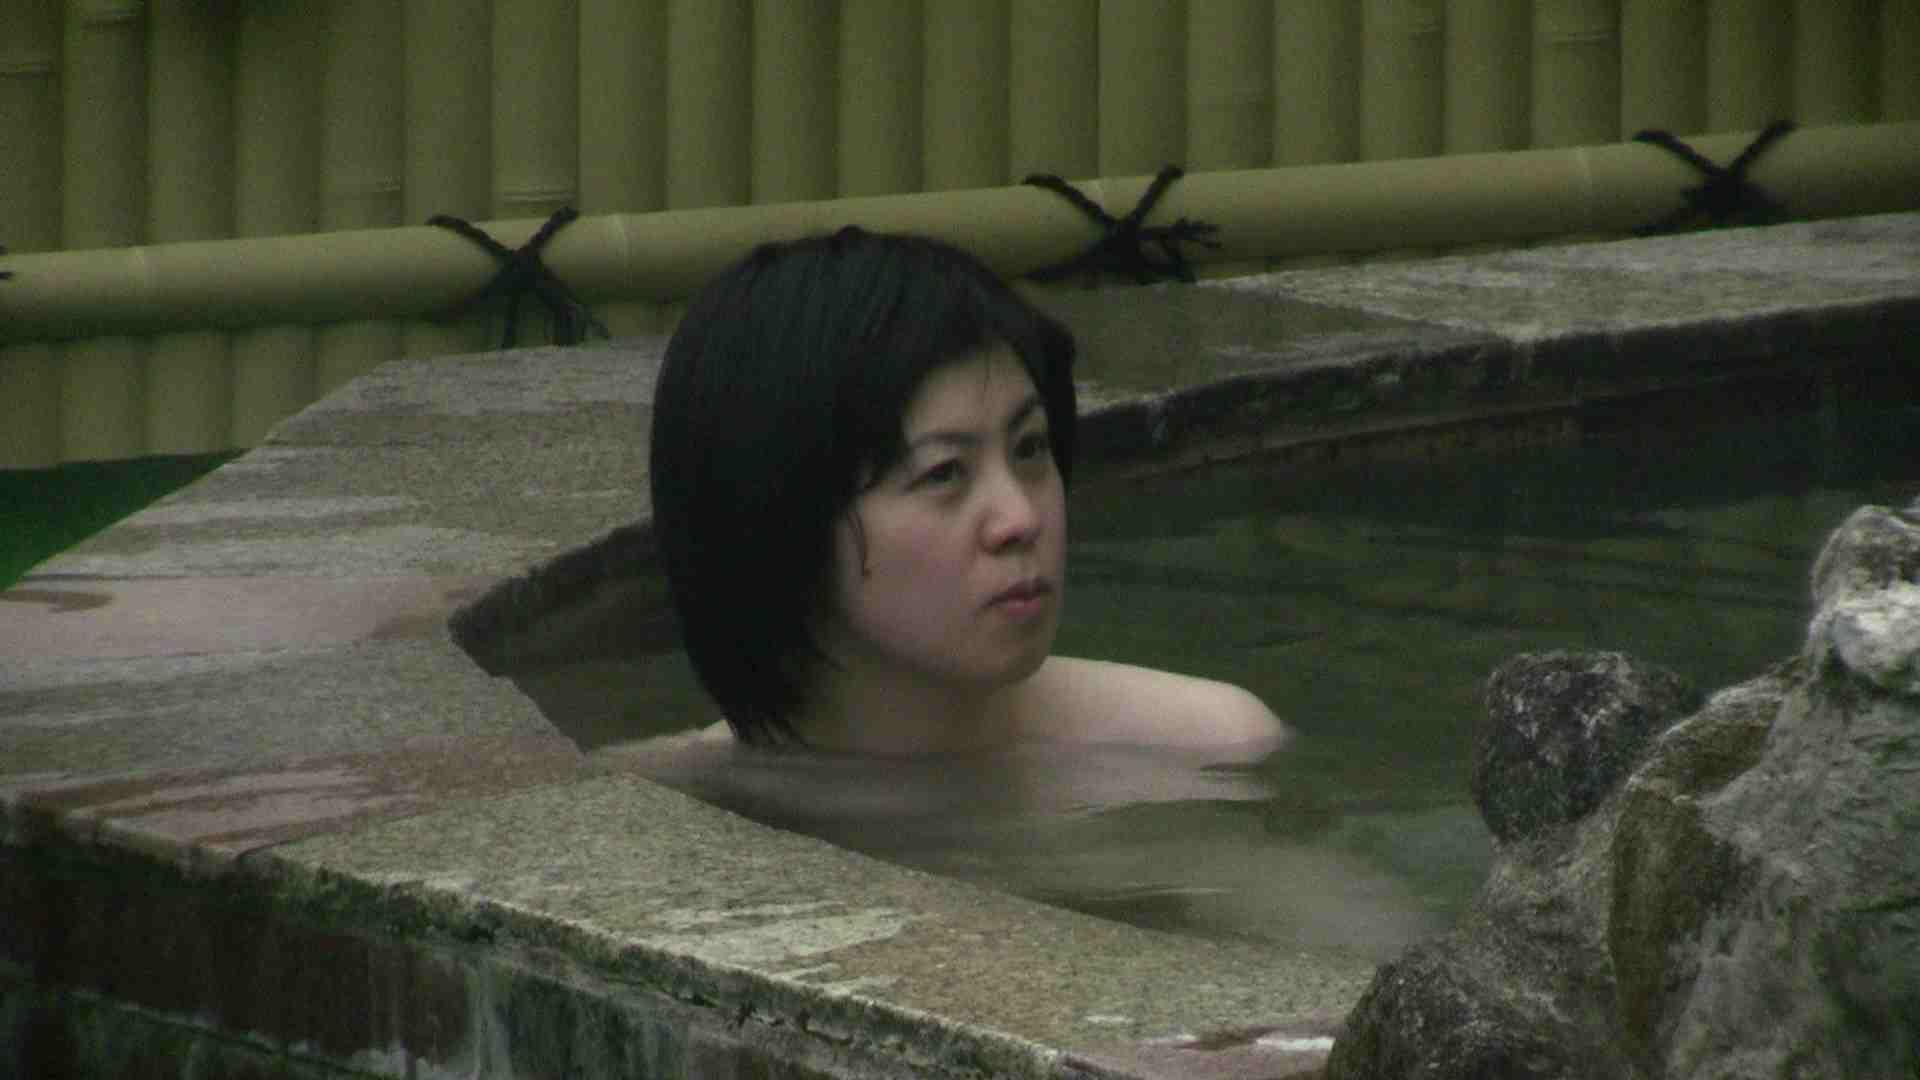 Aquaな露天風呂Vol.685 0   0  60pic 47